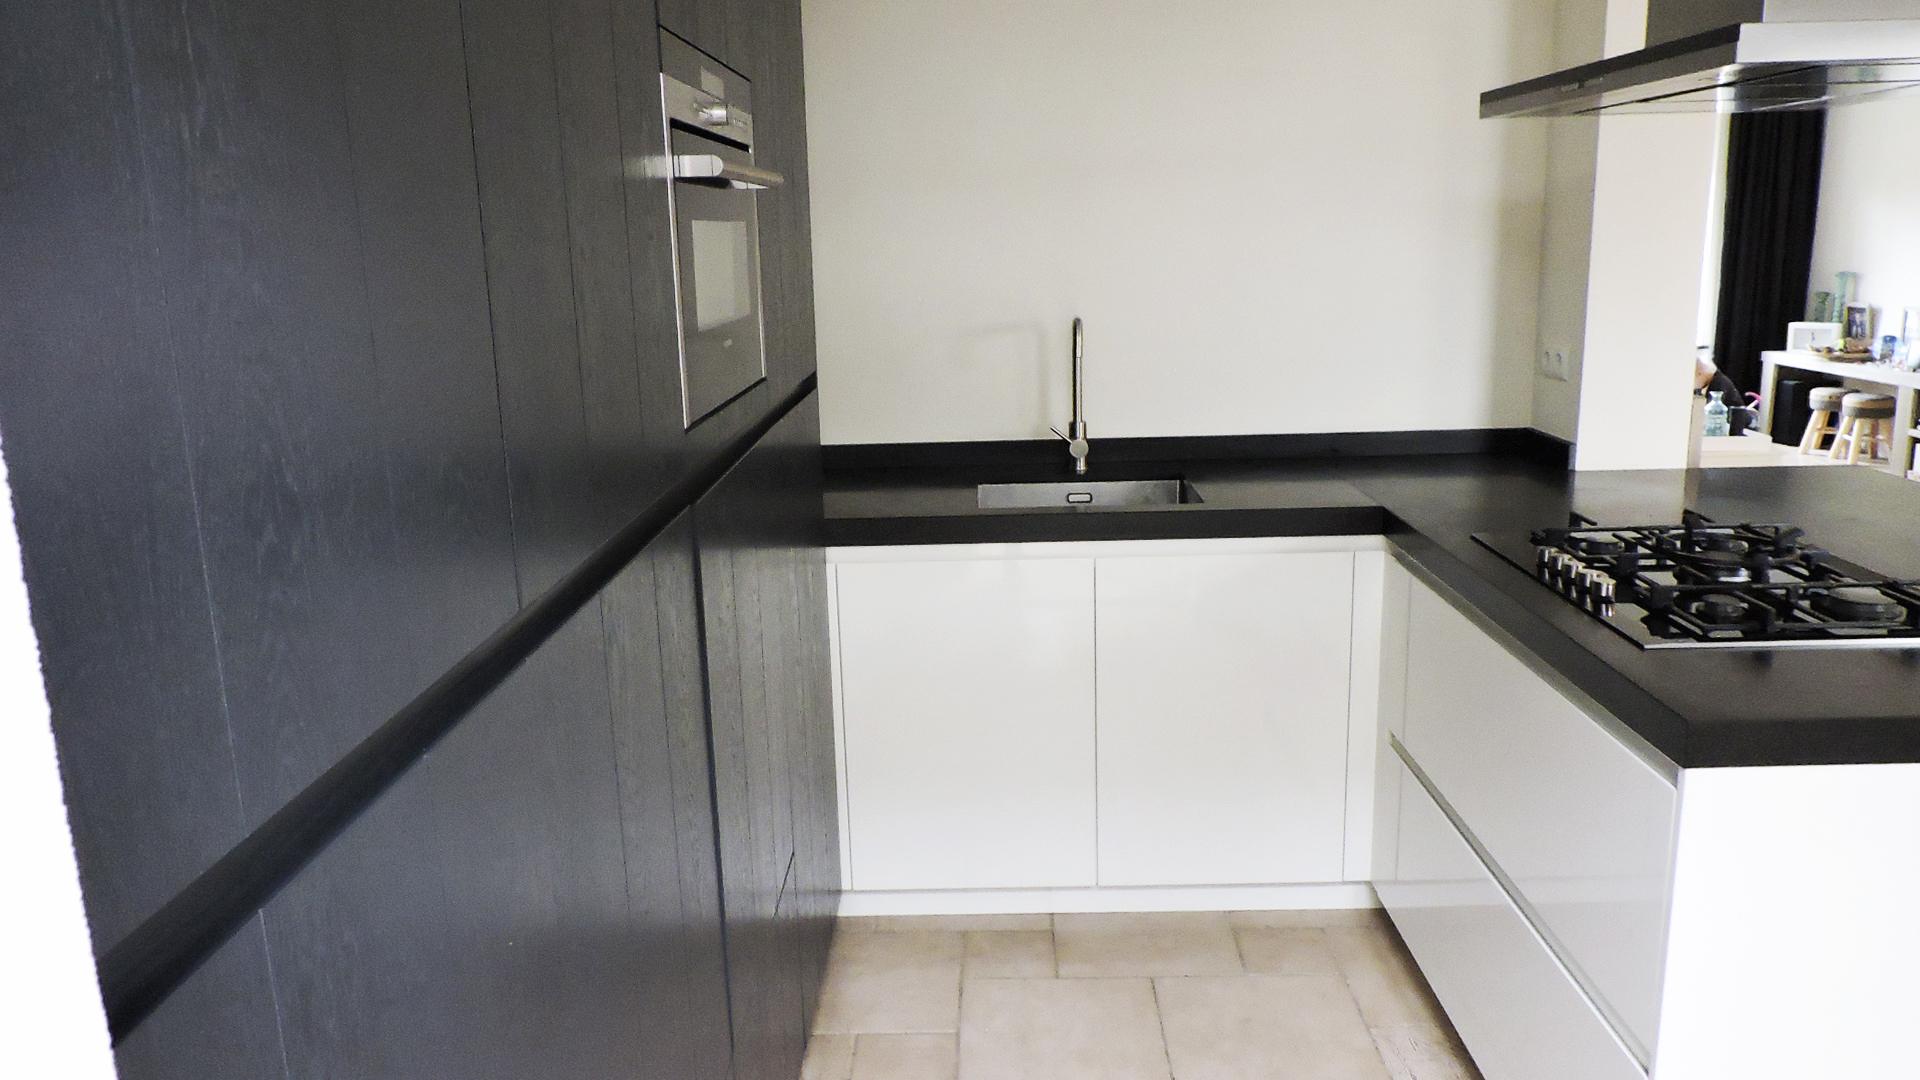 Strakke Zwarte Keuken : Moderne greeploze keuken donkergrijs met wit van doren